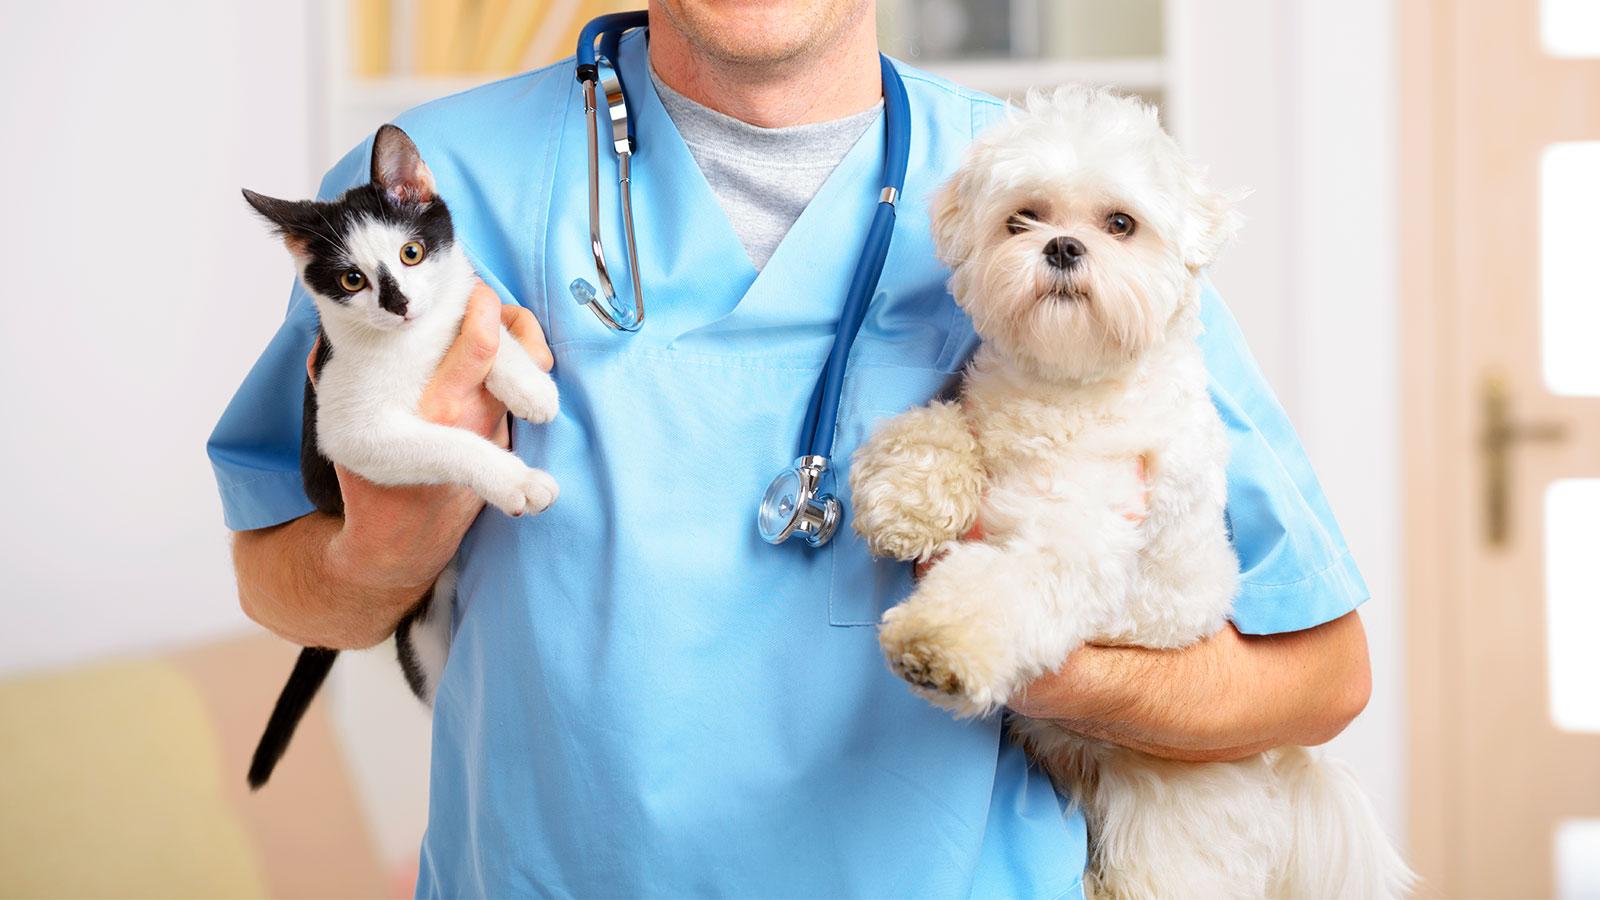 Los mejores cursos de veterinaria los mejores cursos de veterinaria Los mejores cursos de veterinaria Los mejores cursos de veterinaria